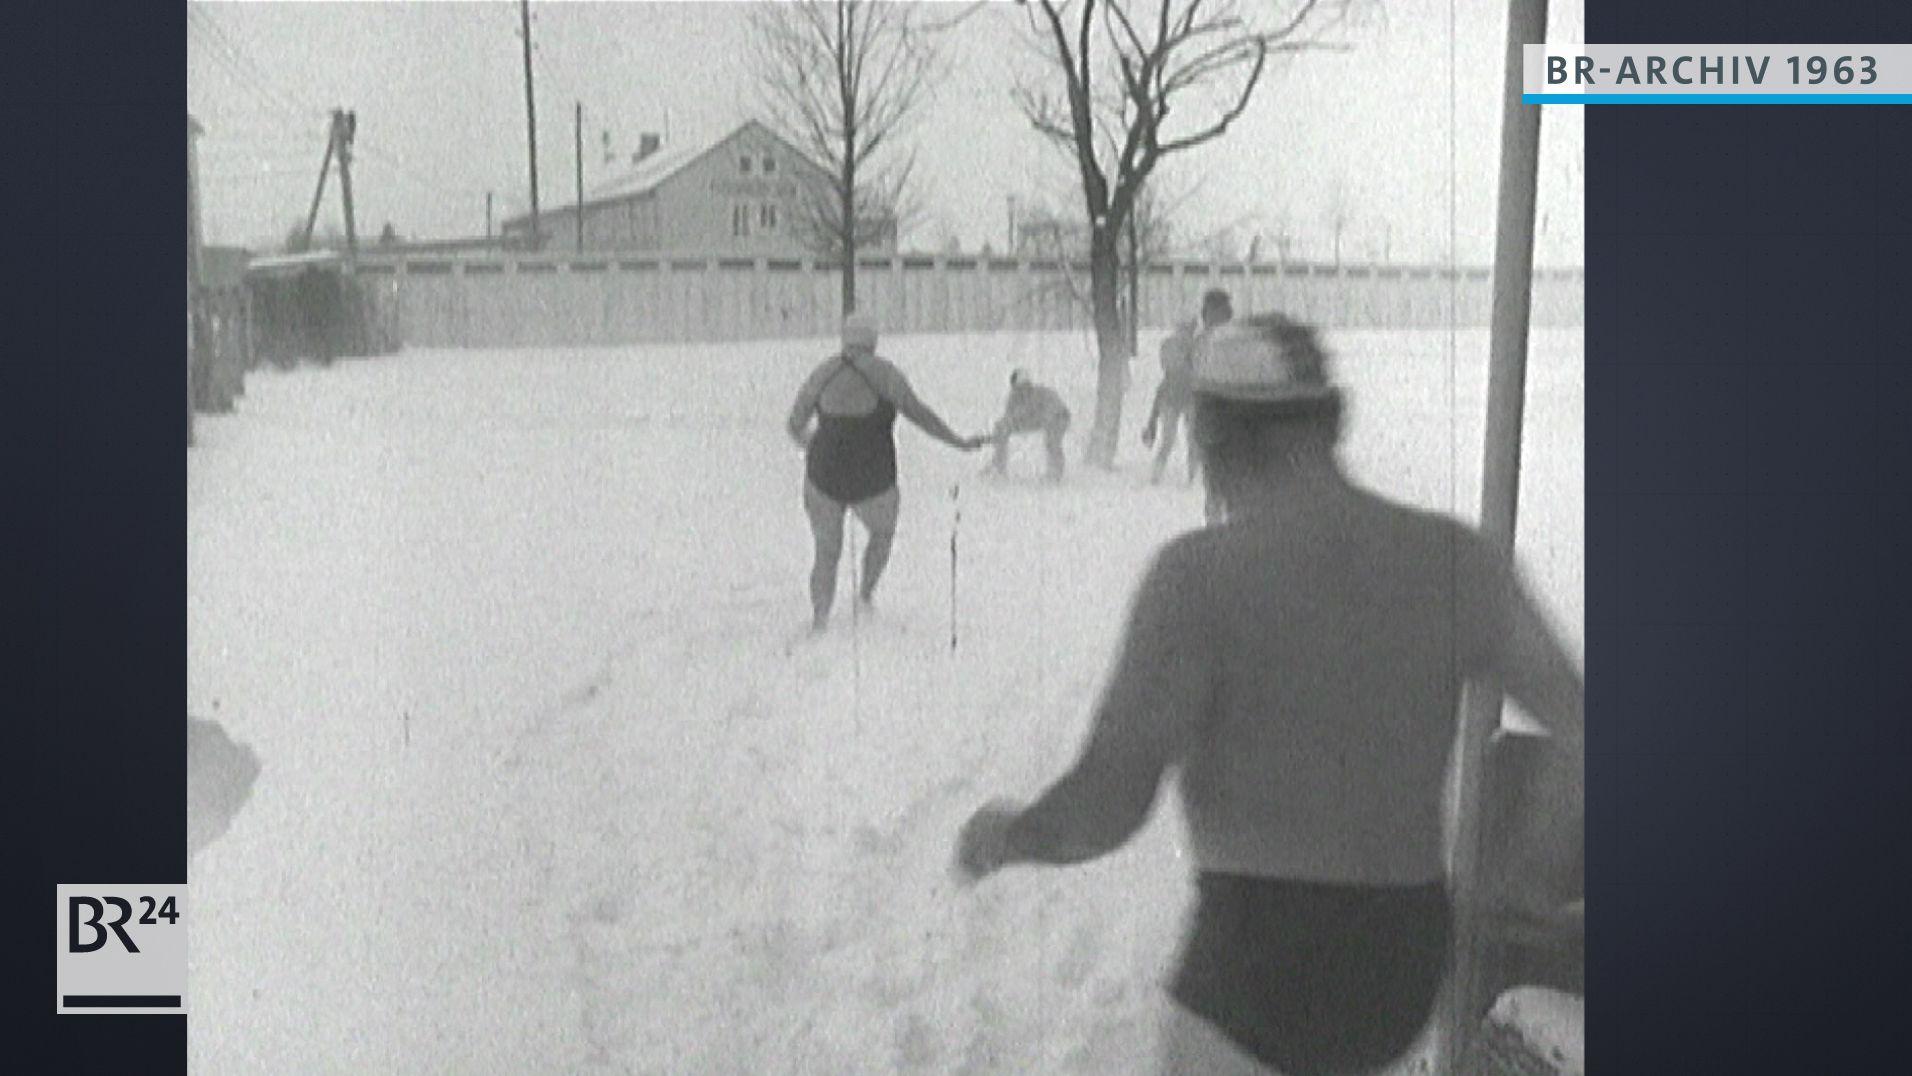 Menschen in Badebekleidung im Schnee